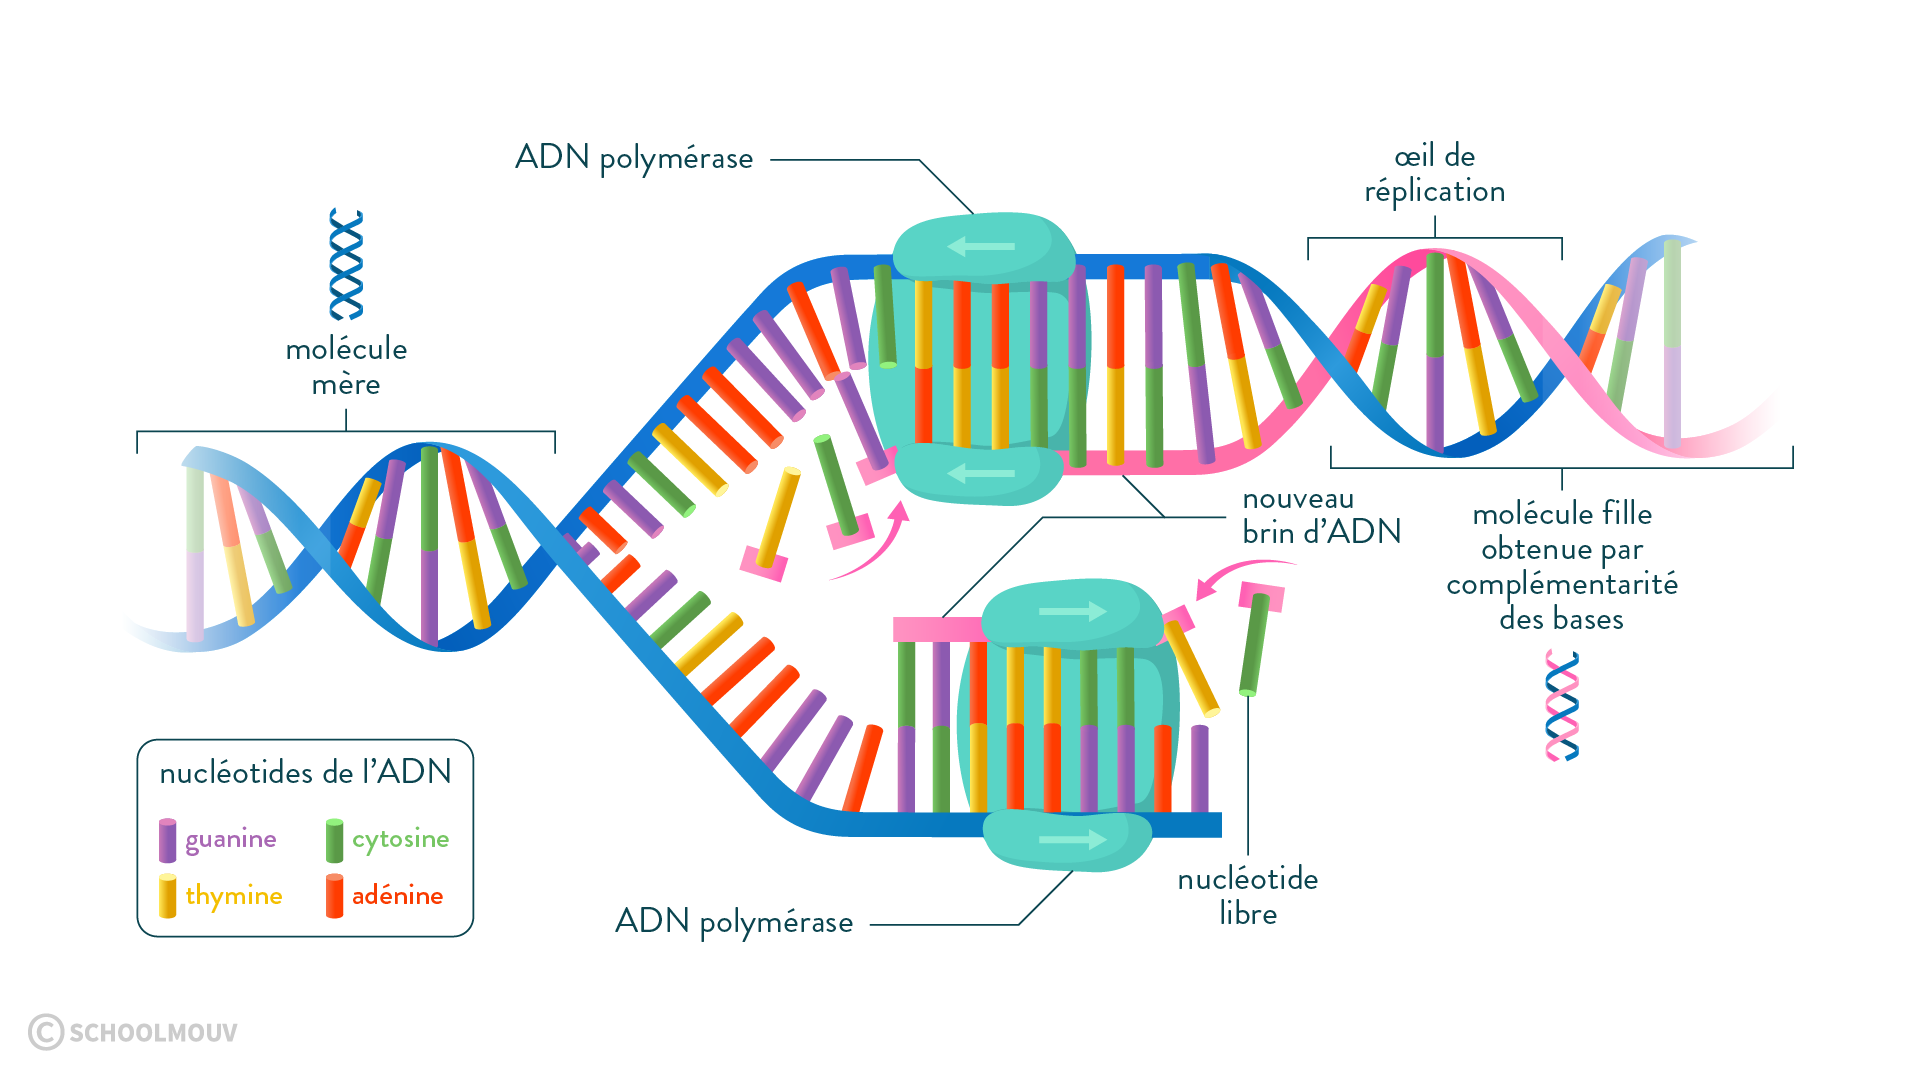 réplication ADN polymérase